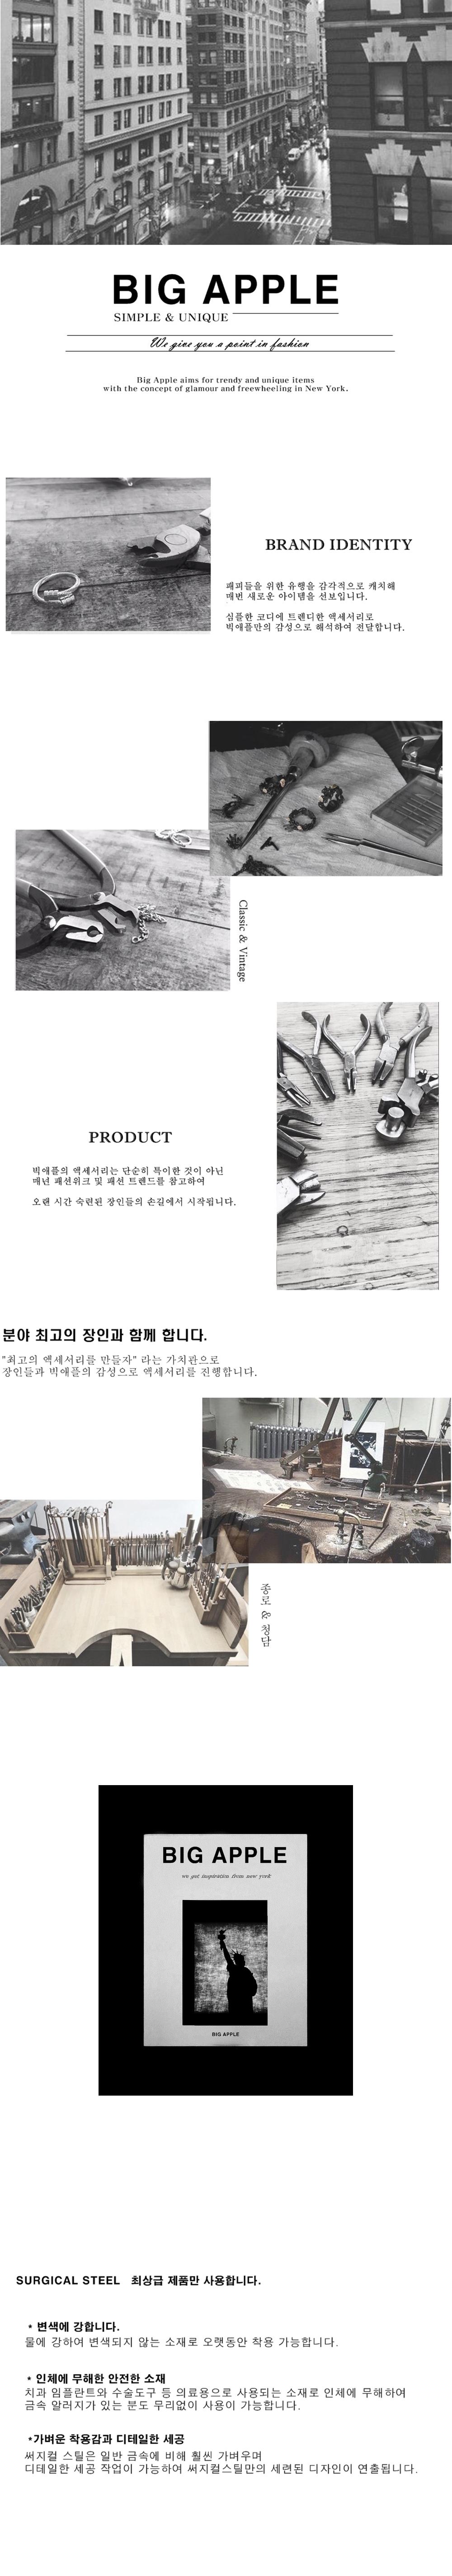 남자 반지 패션 십자가 체인 연결 써지컬 스틸 TSL - 빅애플, 19,900원, 남성주얼리, 반지